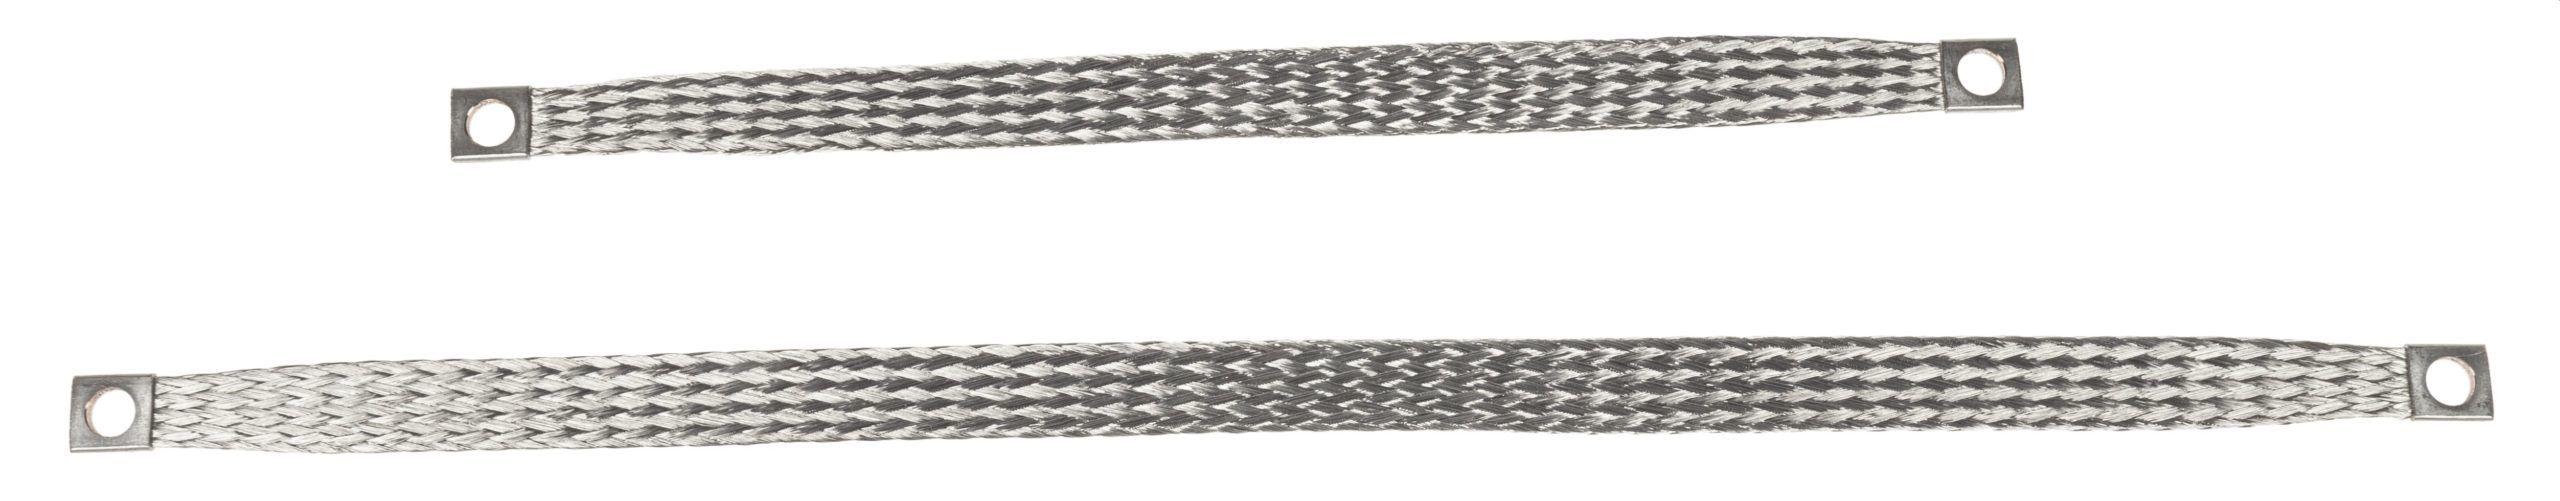 CTX ground straps